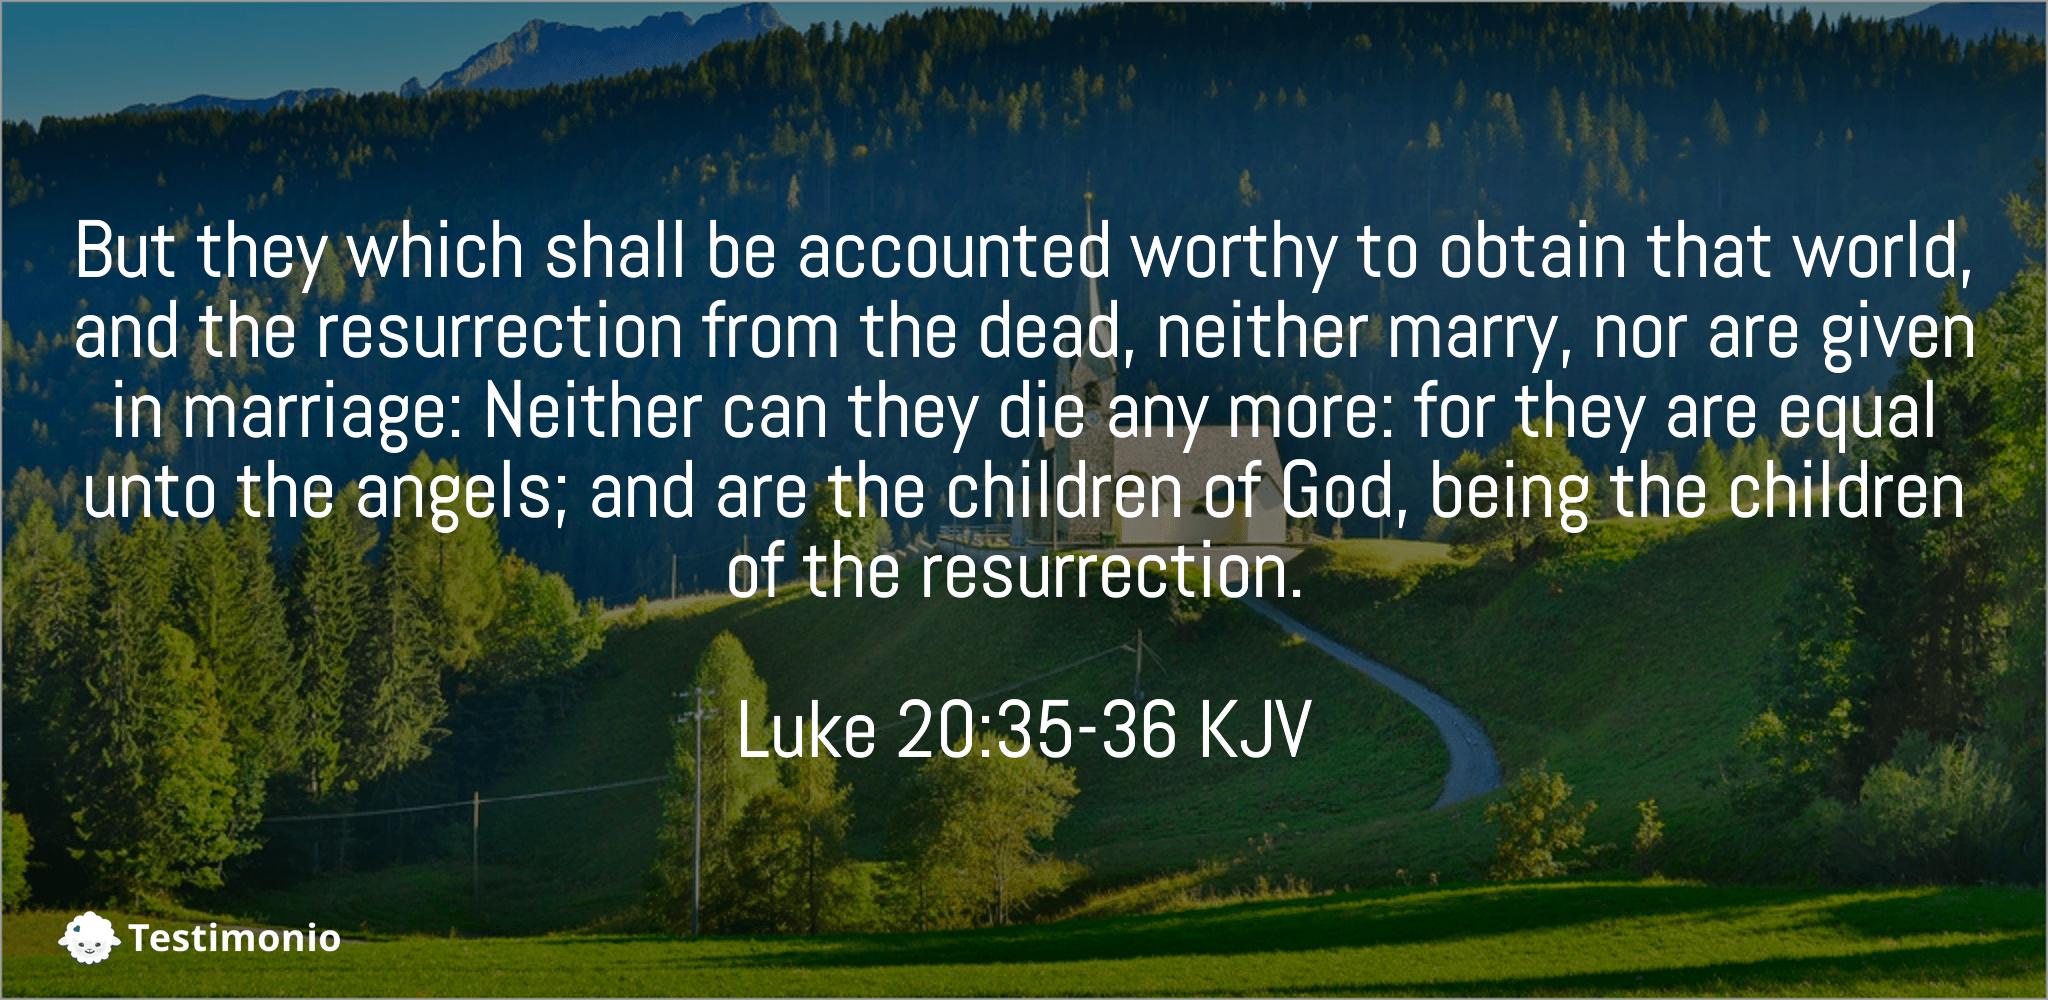 Luke 20:35-36